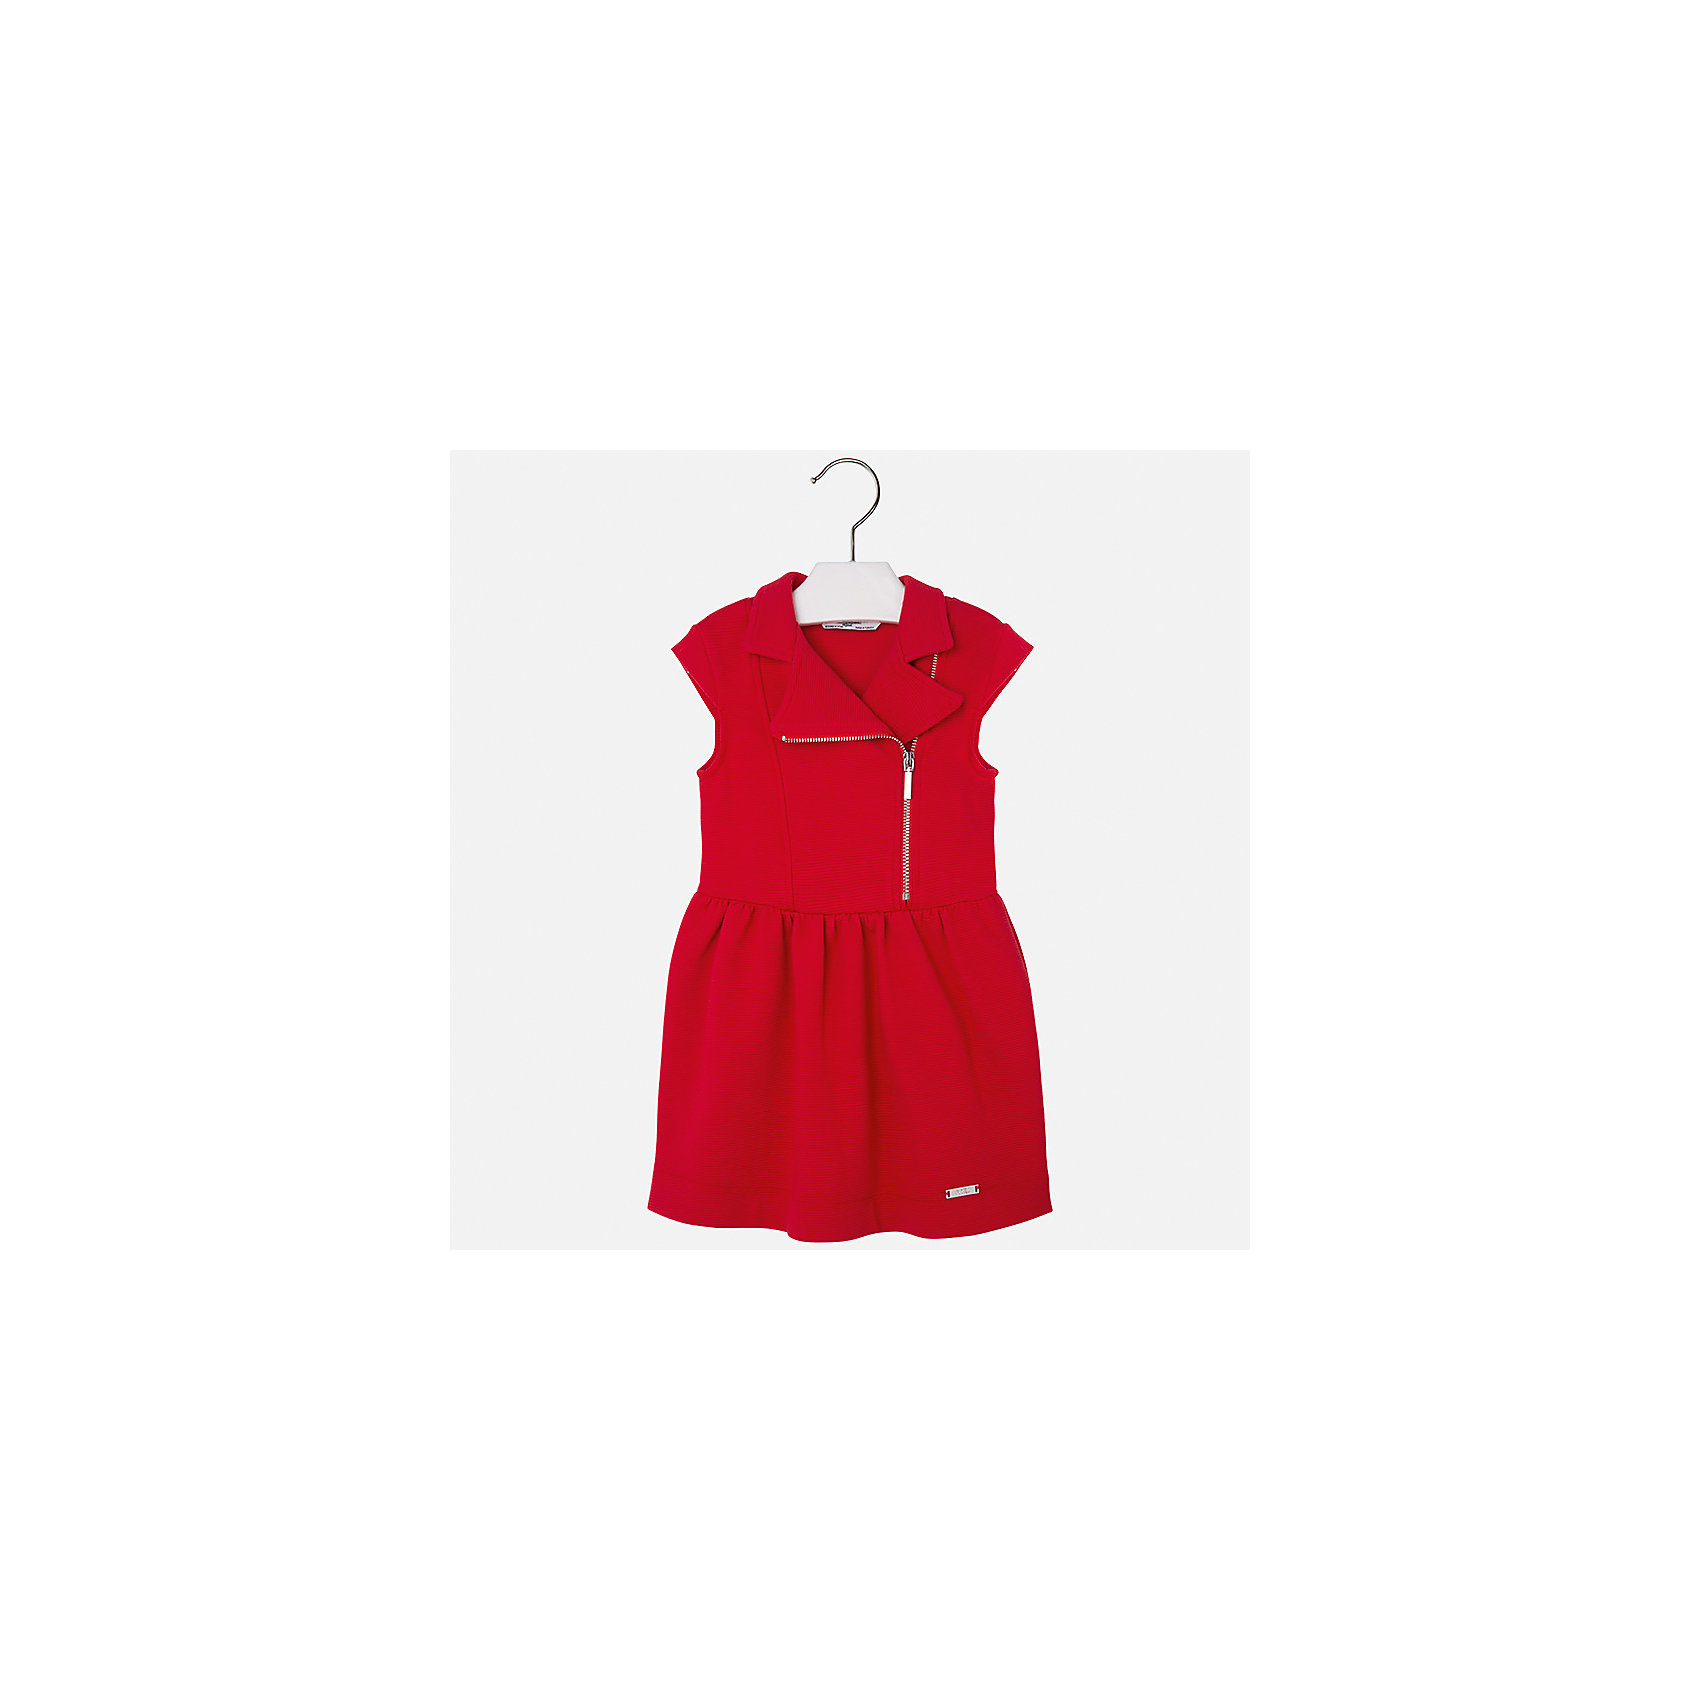 Платье для девочки MayoralПлатья и сарафаны<br>Характеристики товара:<br><br>• цвет: красный<br>• состав: 62% хлопок, 37% полиэстер, 1% эластан<br>• молния<br>• приталенный силуэт<br>• короткие рукава<br>• металлический логотип<br>• страна бренда: Испания<br><br>Стильное платье для девочки поможет разнообразить гардероб ребенка и создать эффектный наряд. Оно подойдет для различных случаев. Красивый оттенок позволяет подобрать к вещи обувь разных расцветок. Платье хорошо сидит по фигуре. В составе материала - натуральный хлопок, гипоаллергенный, приятный на ощупь, дышащий.<br><br>Одежда, обувь и аксессуары от испанского бренда Mayoral полюбились детям и взрослым по всему миру. Модели этой марки - стильные и удобные. Для их производства используются только безопасные, качественные материалы и фурнитура. Порадуйте ребенка модными и красивыми вещами от Mayoral! <br><br>Платье для девочки от испанского бренда Mayoral (Майорал) можно купить в нашем интернет-магазине.<br><br>Ширина мм: 236<br>Глубина мм: 16<br>Высота мм: 184<br>Вес г: 177<br>Цвет: красный<br>Возраст от месяцев: 60<br>Возраст до месяцев: 72<br>Пол: Женский<br>Возраст: Детский<br>Размер: 116,134,110,122,128<br>SKU: 5300614